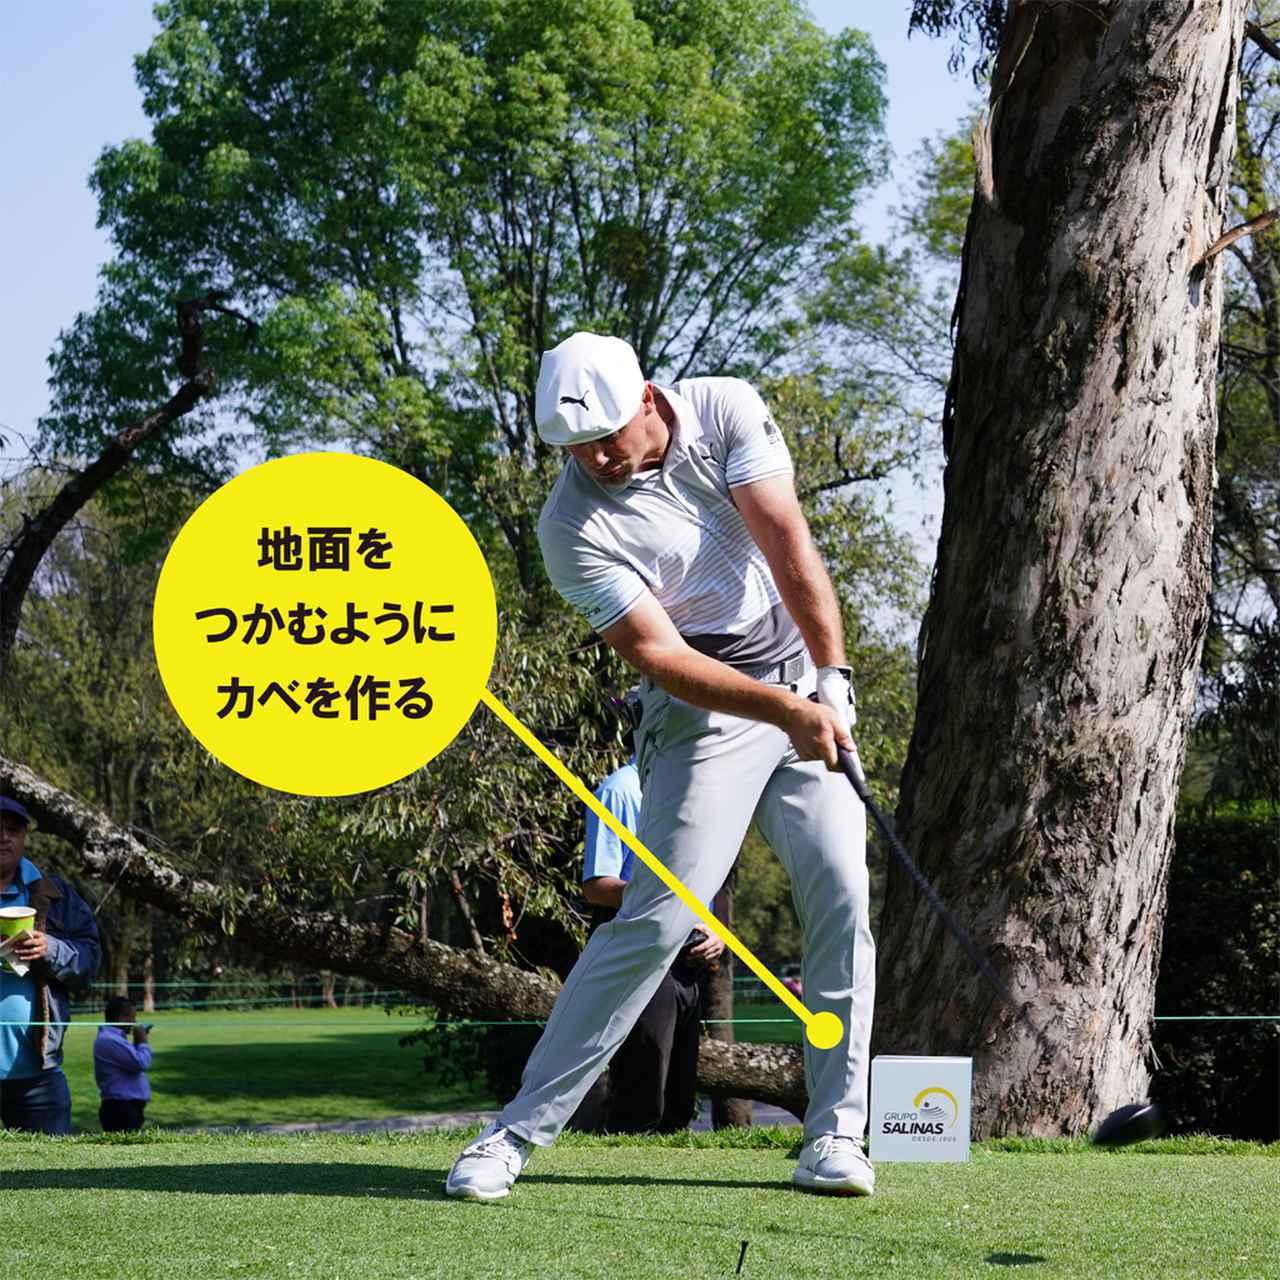 画像: 回転とともに左ひざを伸ばす